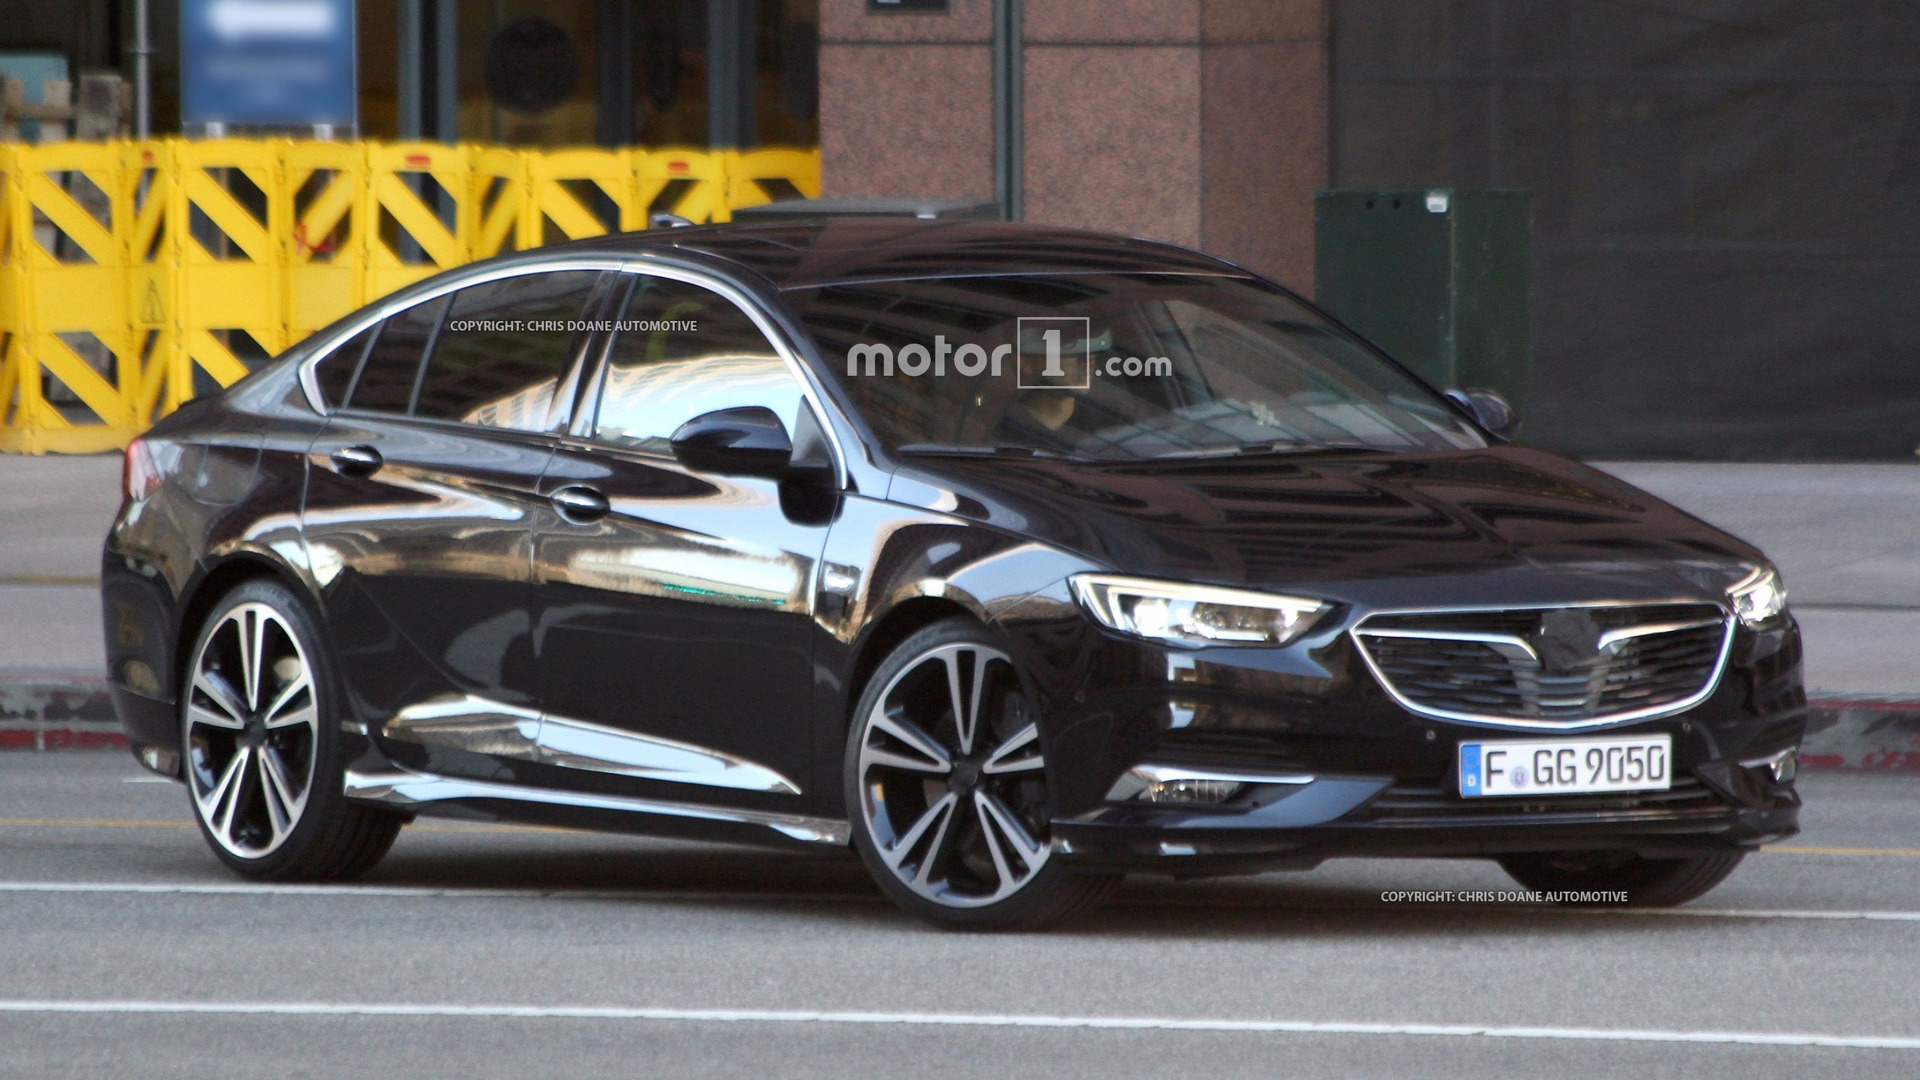 Flagra Essa E A Nova Geracao Do Opel Insignia Sucessor Do Vectra